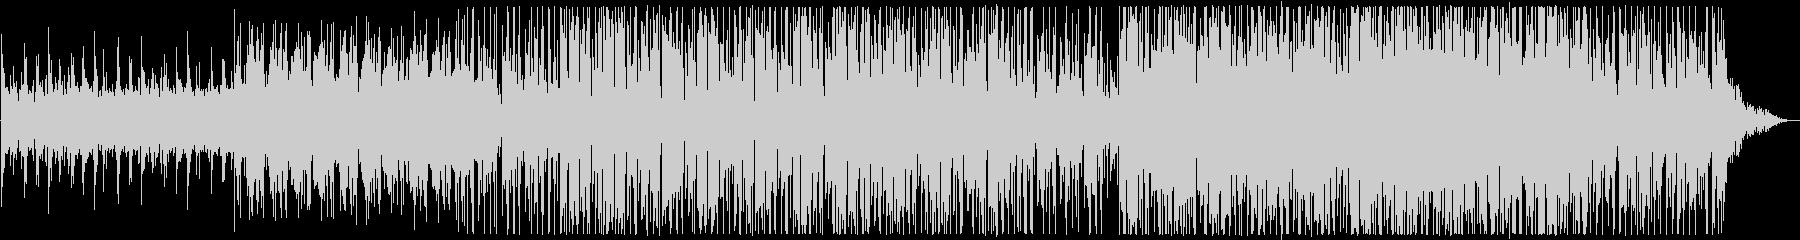 このユニークで抽象的なアンダースコ...の未再生の波形